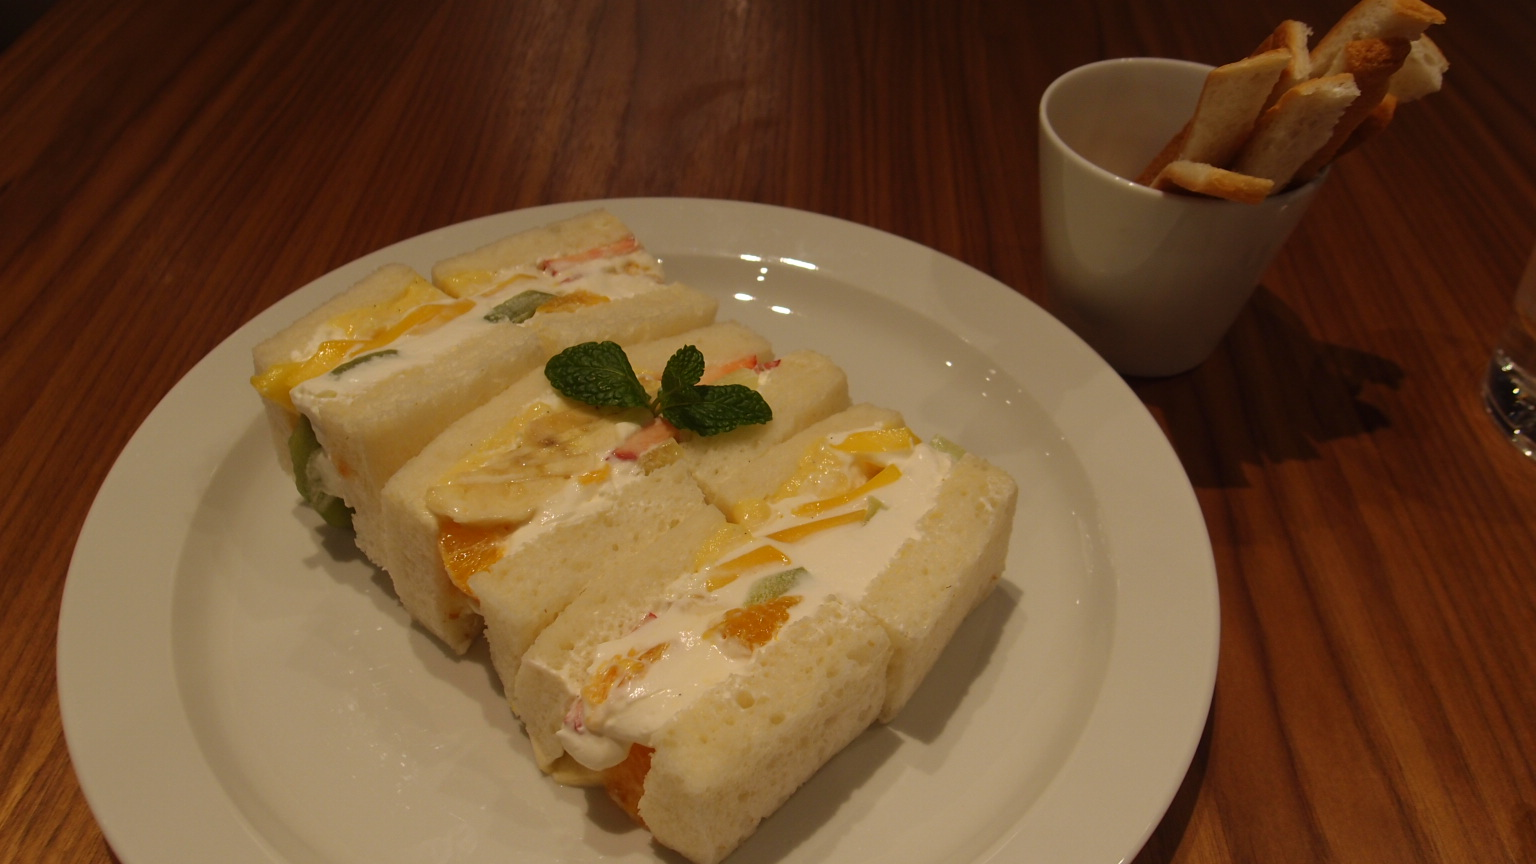 銀座 CENTRE THE BAKERY フルーツサンドイッチ|角食パン